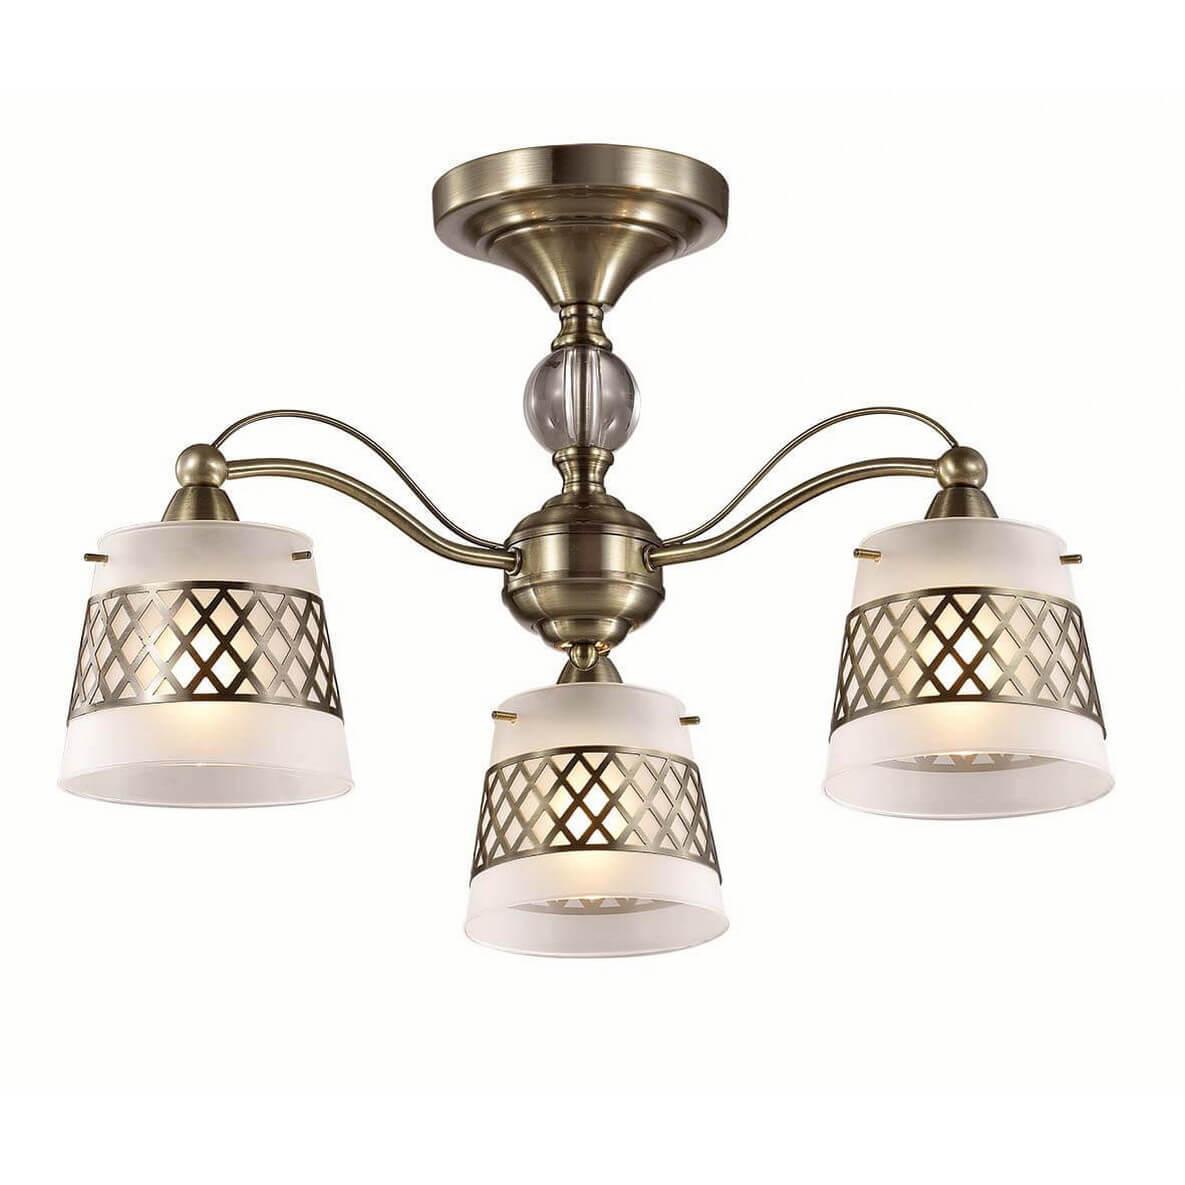 Потолочный светильник Lumion 3050/3C, E14, 40 Вт потолочный светильник lumion 4415 3c